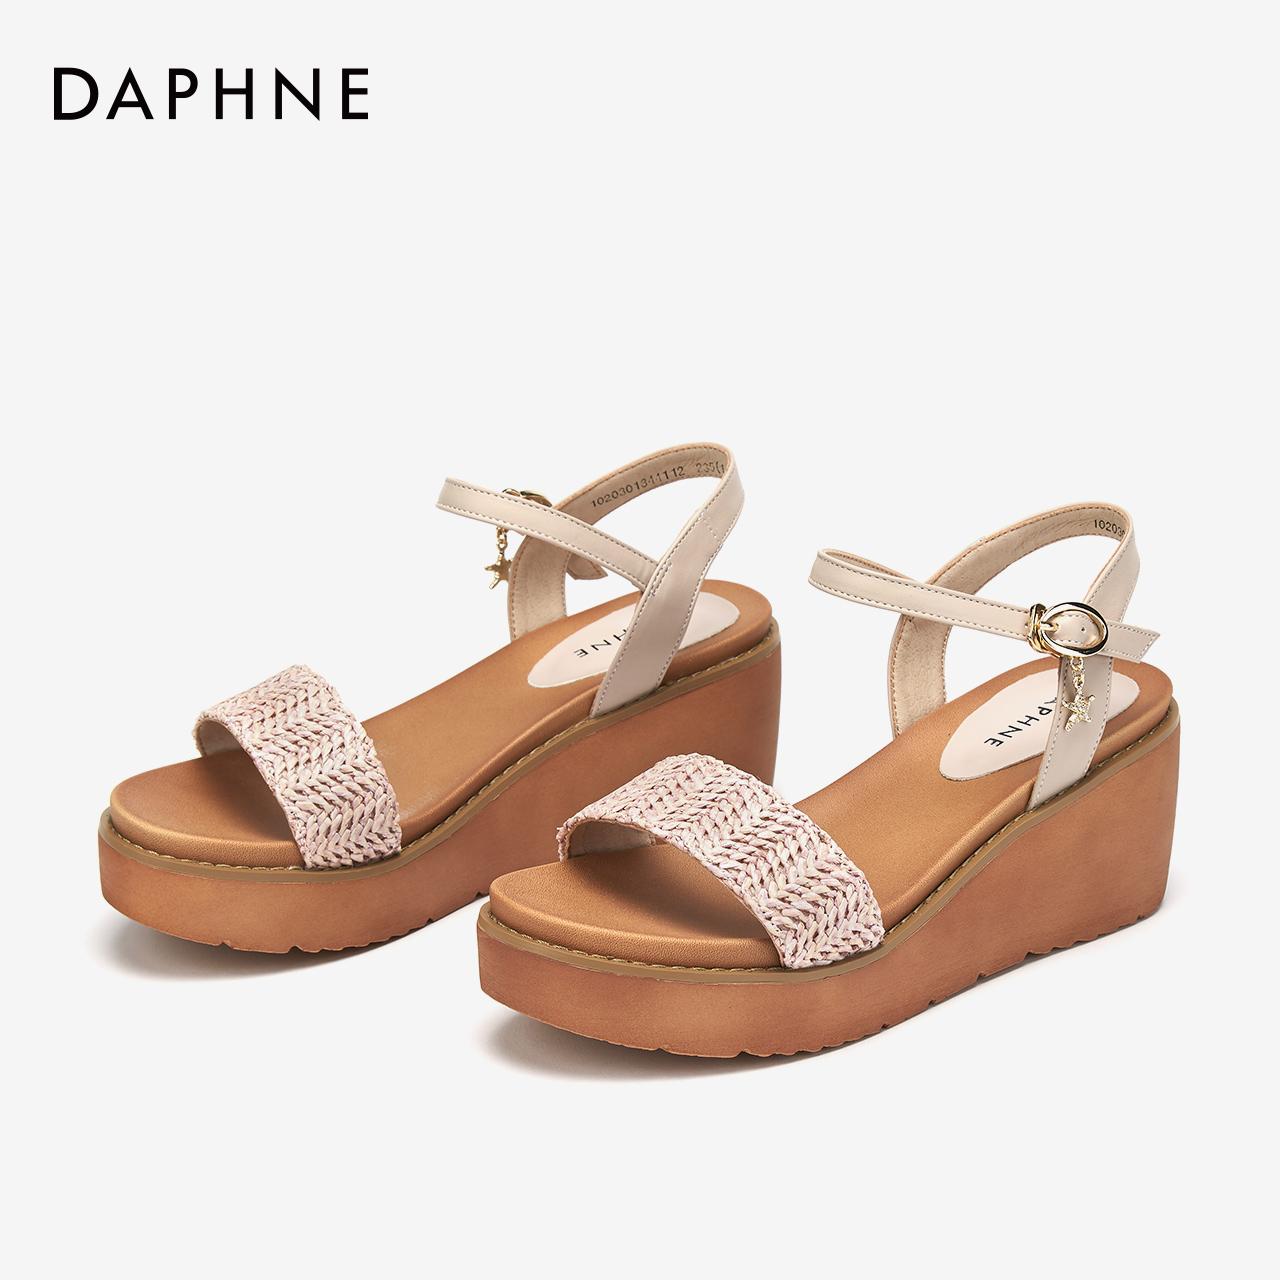 达芙妮坡跟鞋 达芙妮凉鞋夏女2020新款圆头坡跟厚底凉鞋编织鞋面一字扣带女鞋_推荐淘宝好看的达芙妮坡跟鞋